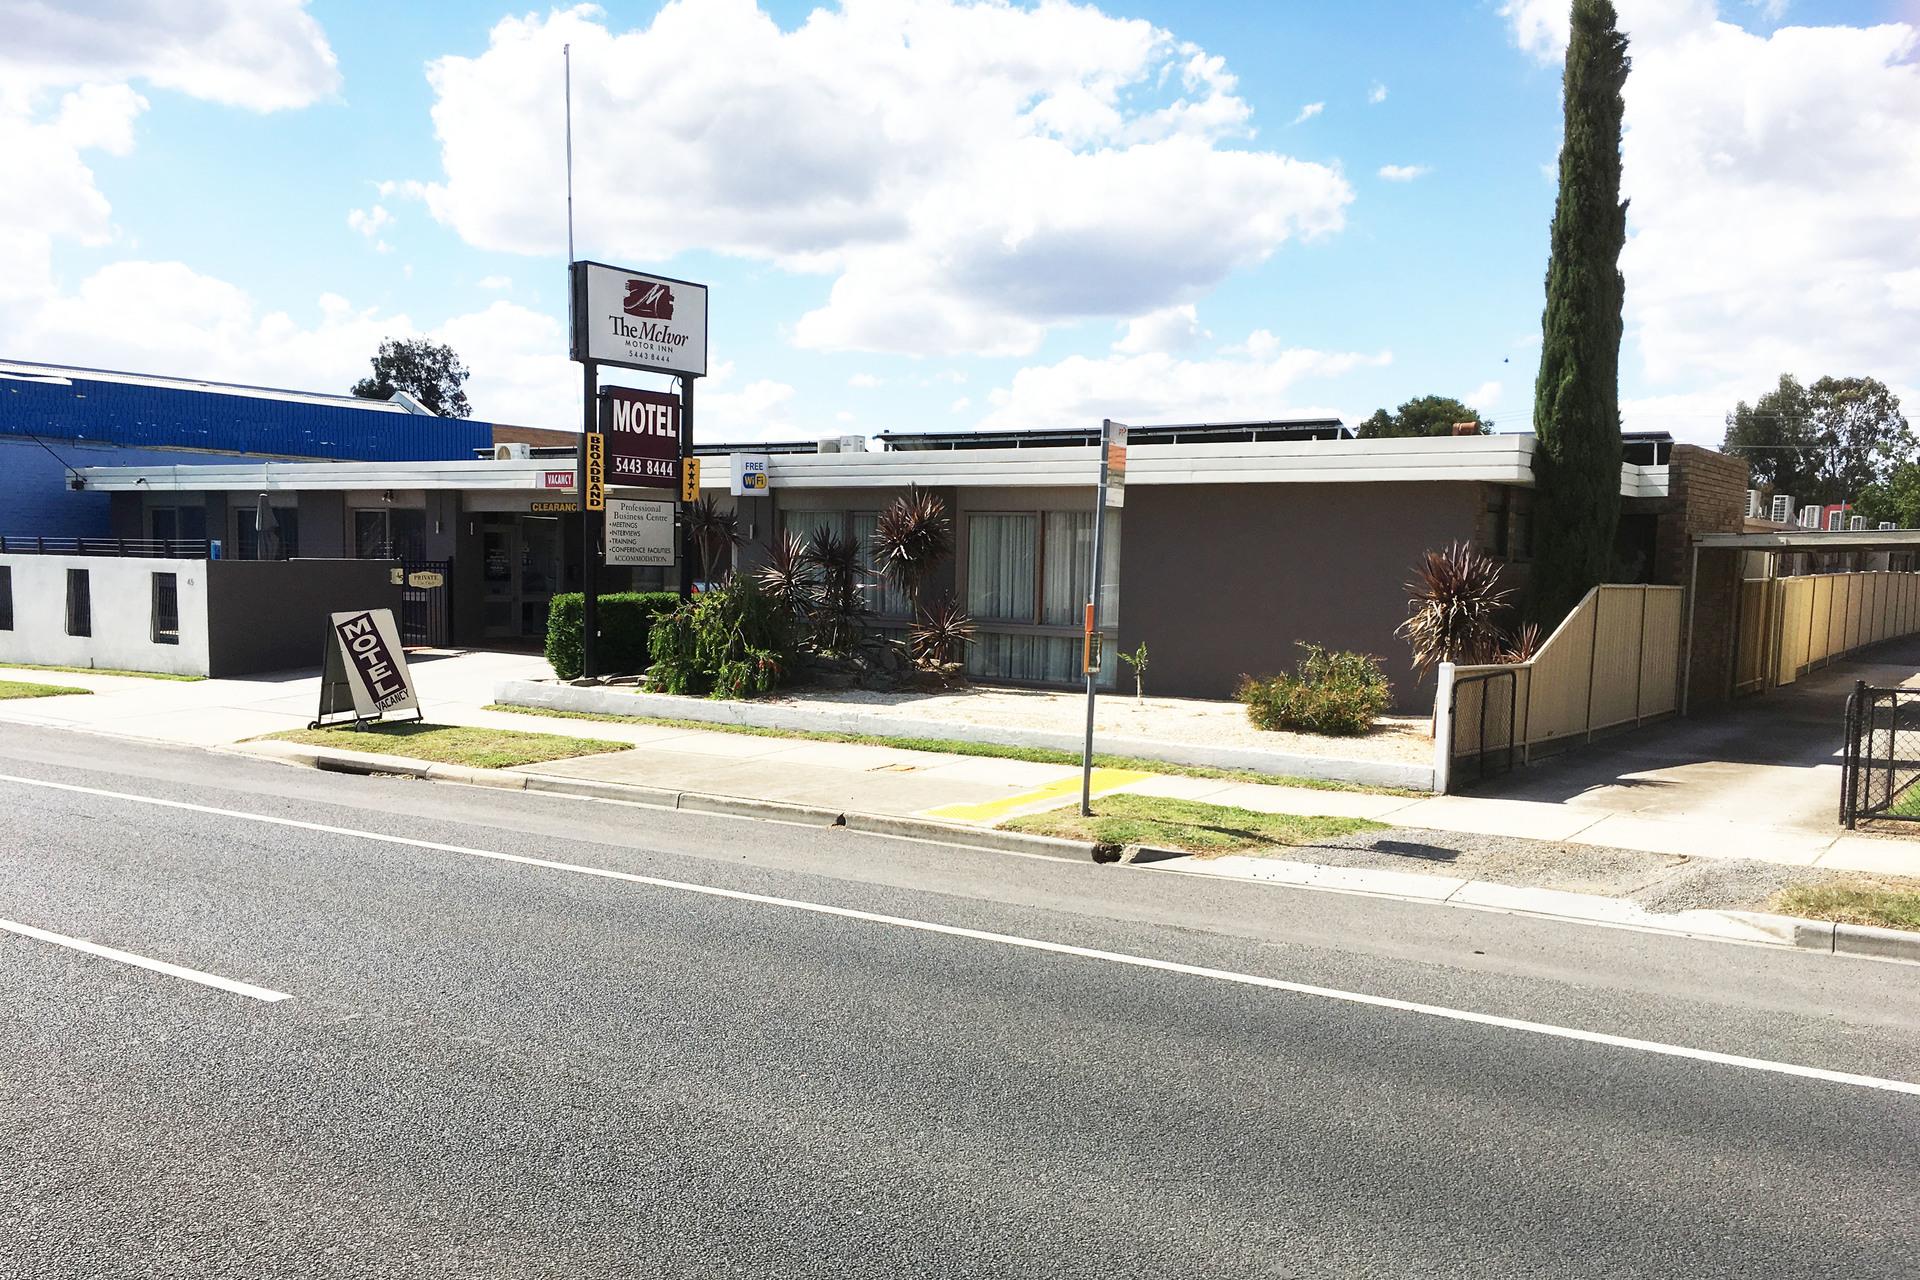 The McIvor Motor Inn